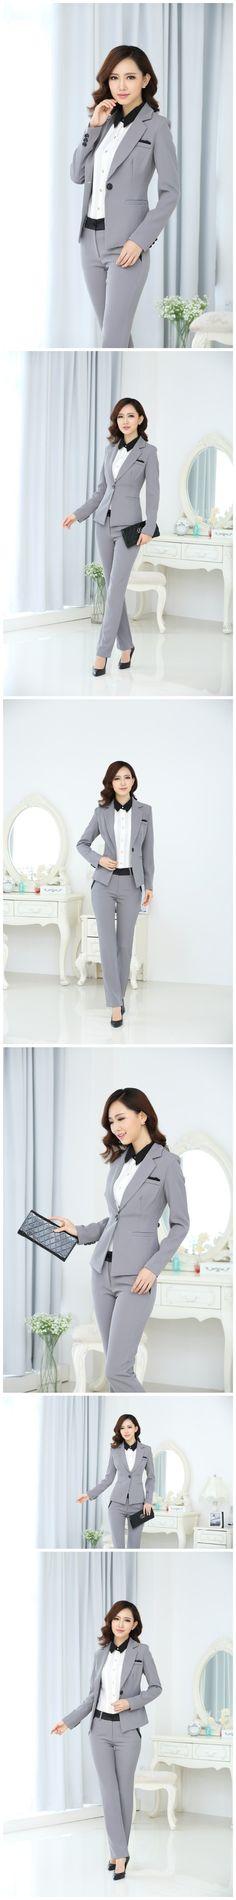 2015 весна формальные женщины брюки костюмы блейзер устанавливает элегантный женский брючный костюм леди деловые костюмы офис носить форму Большой размер купить на AliExpress